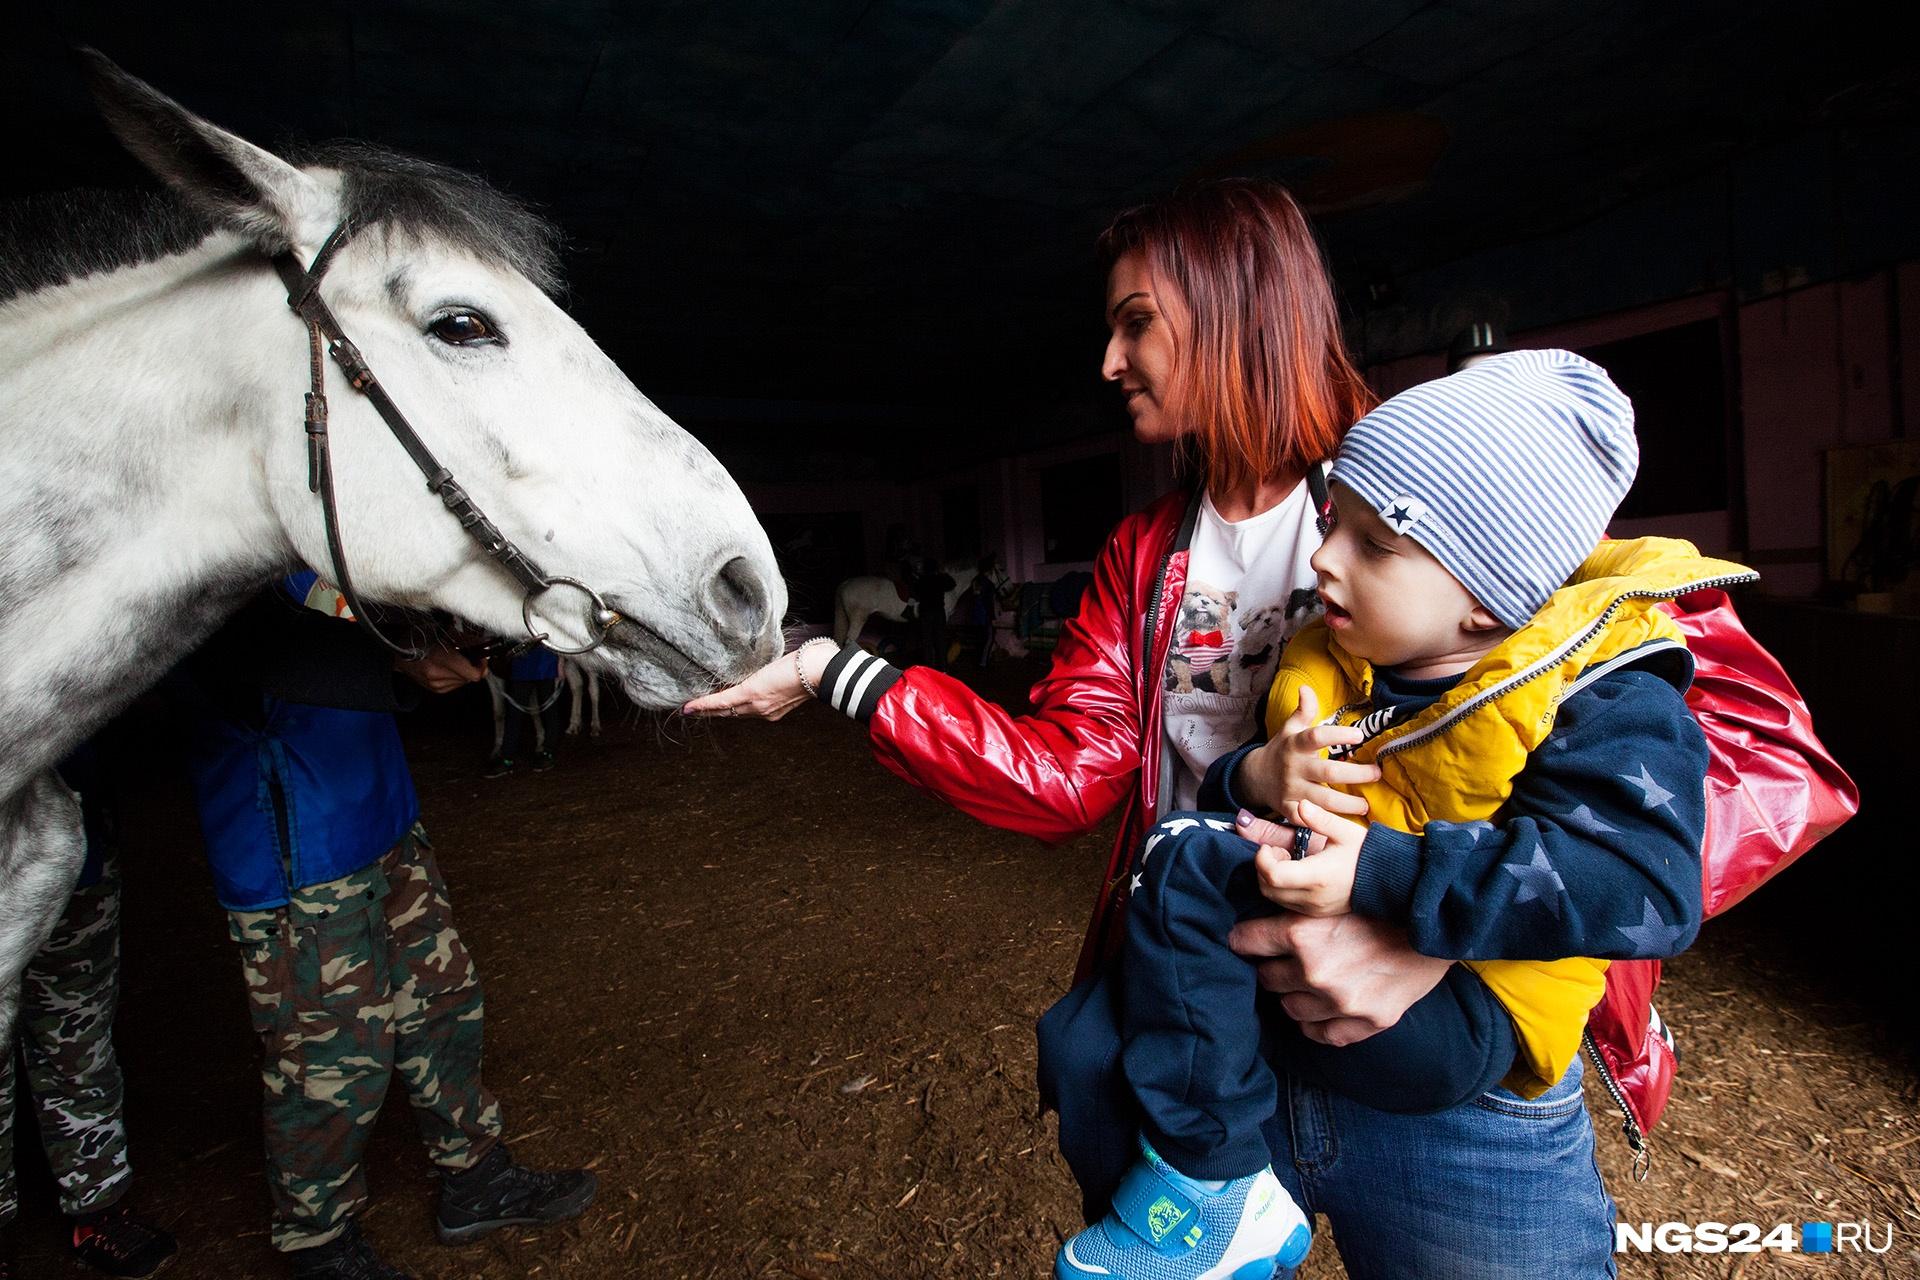 Кажется, лошади успокаивают не только ребенка, но и маму